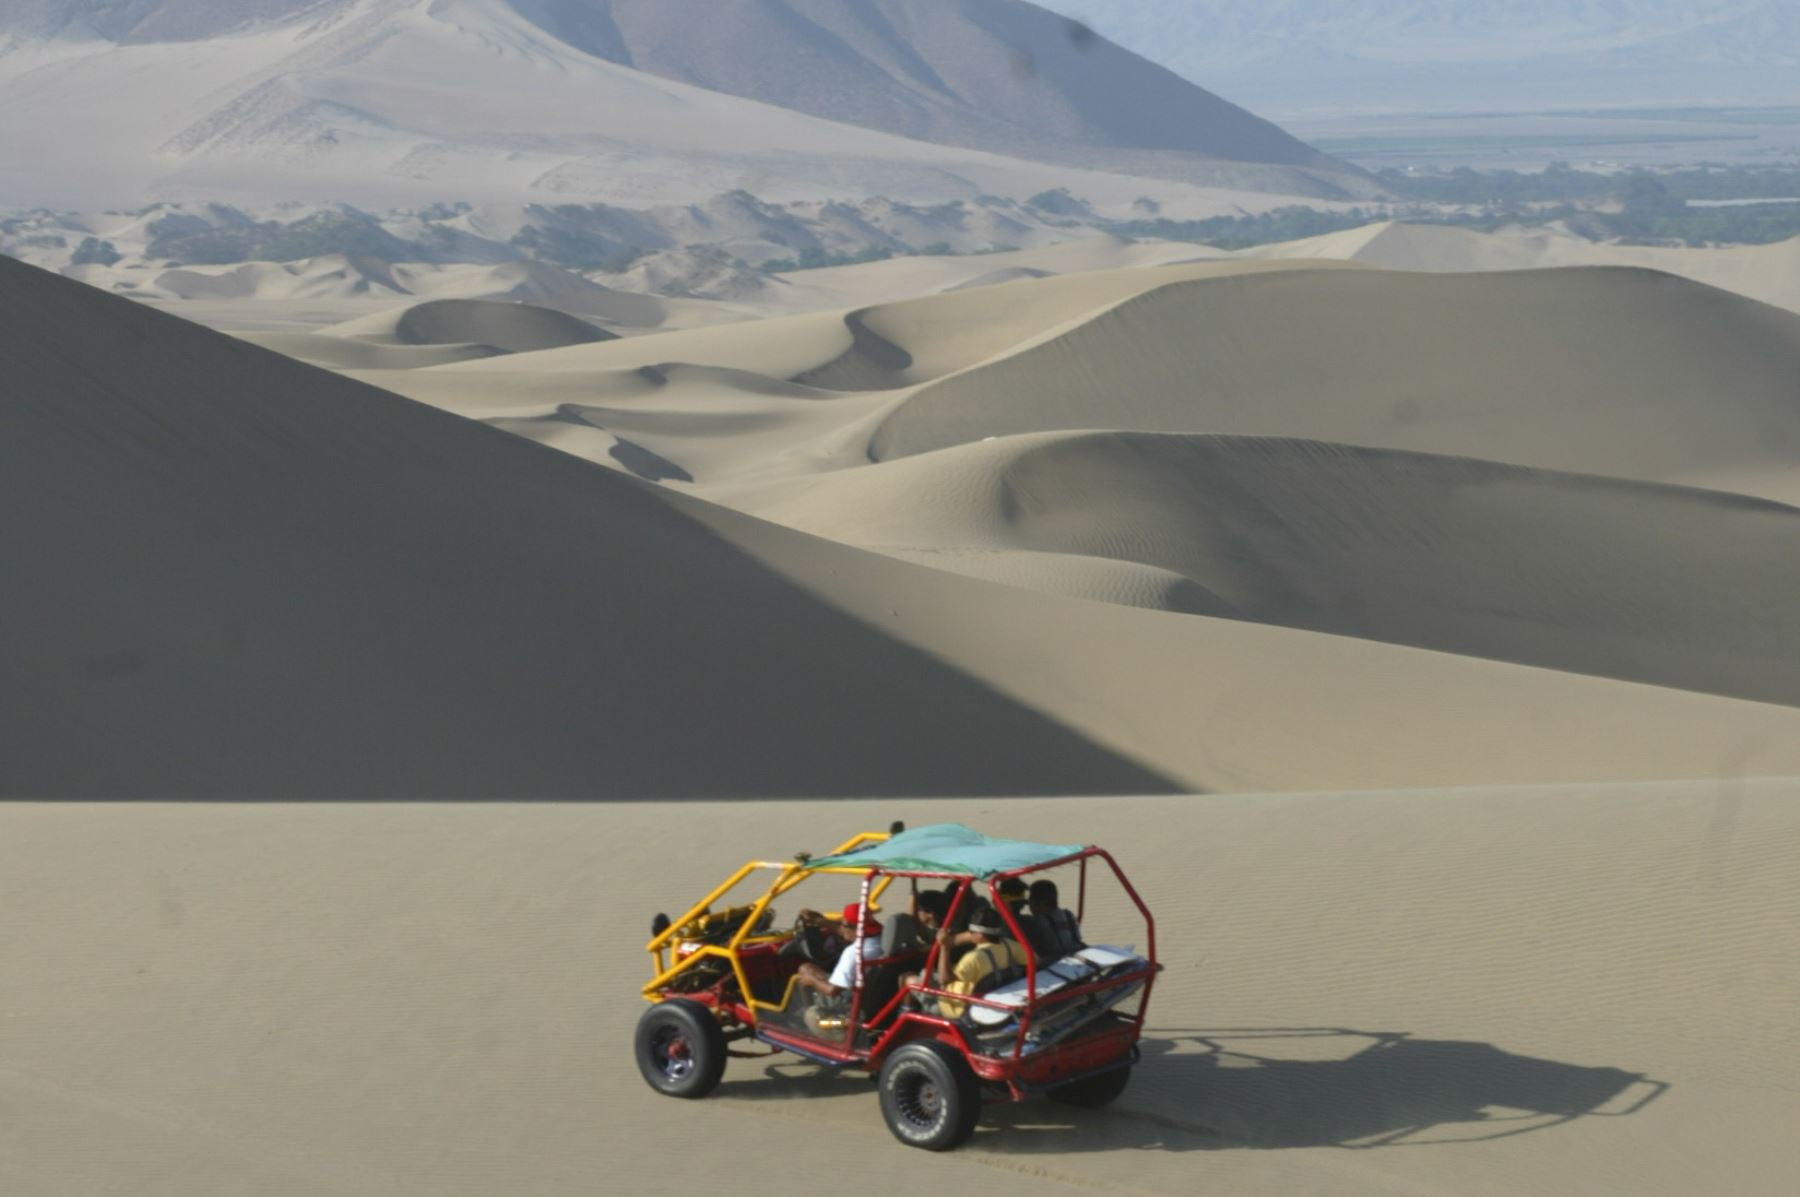 La impresionante belleza del desierto de Ica se exhibió en feria turística de Colombia. ANDINA/archivo